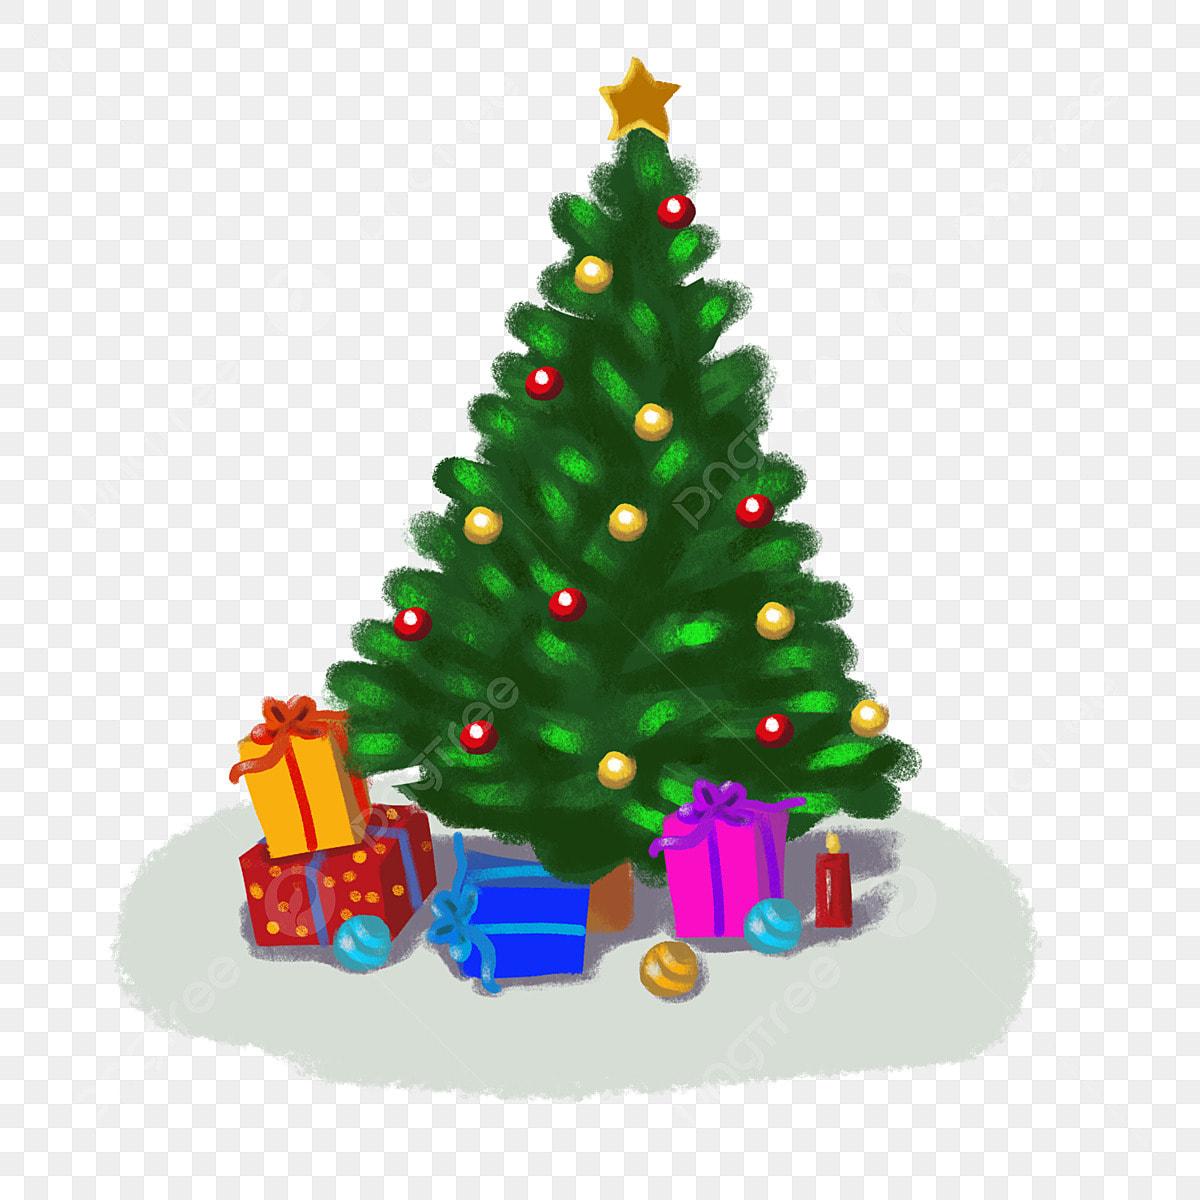 Dessiné à La Main Couleur Arbre De Noel Dessin Animé, Noël, Sapin